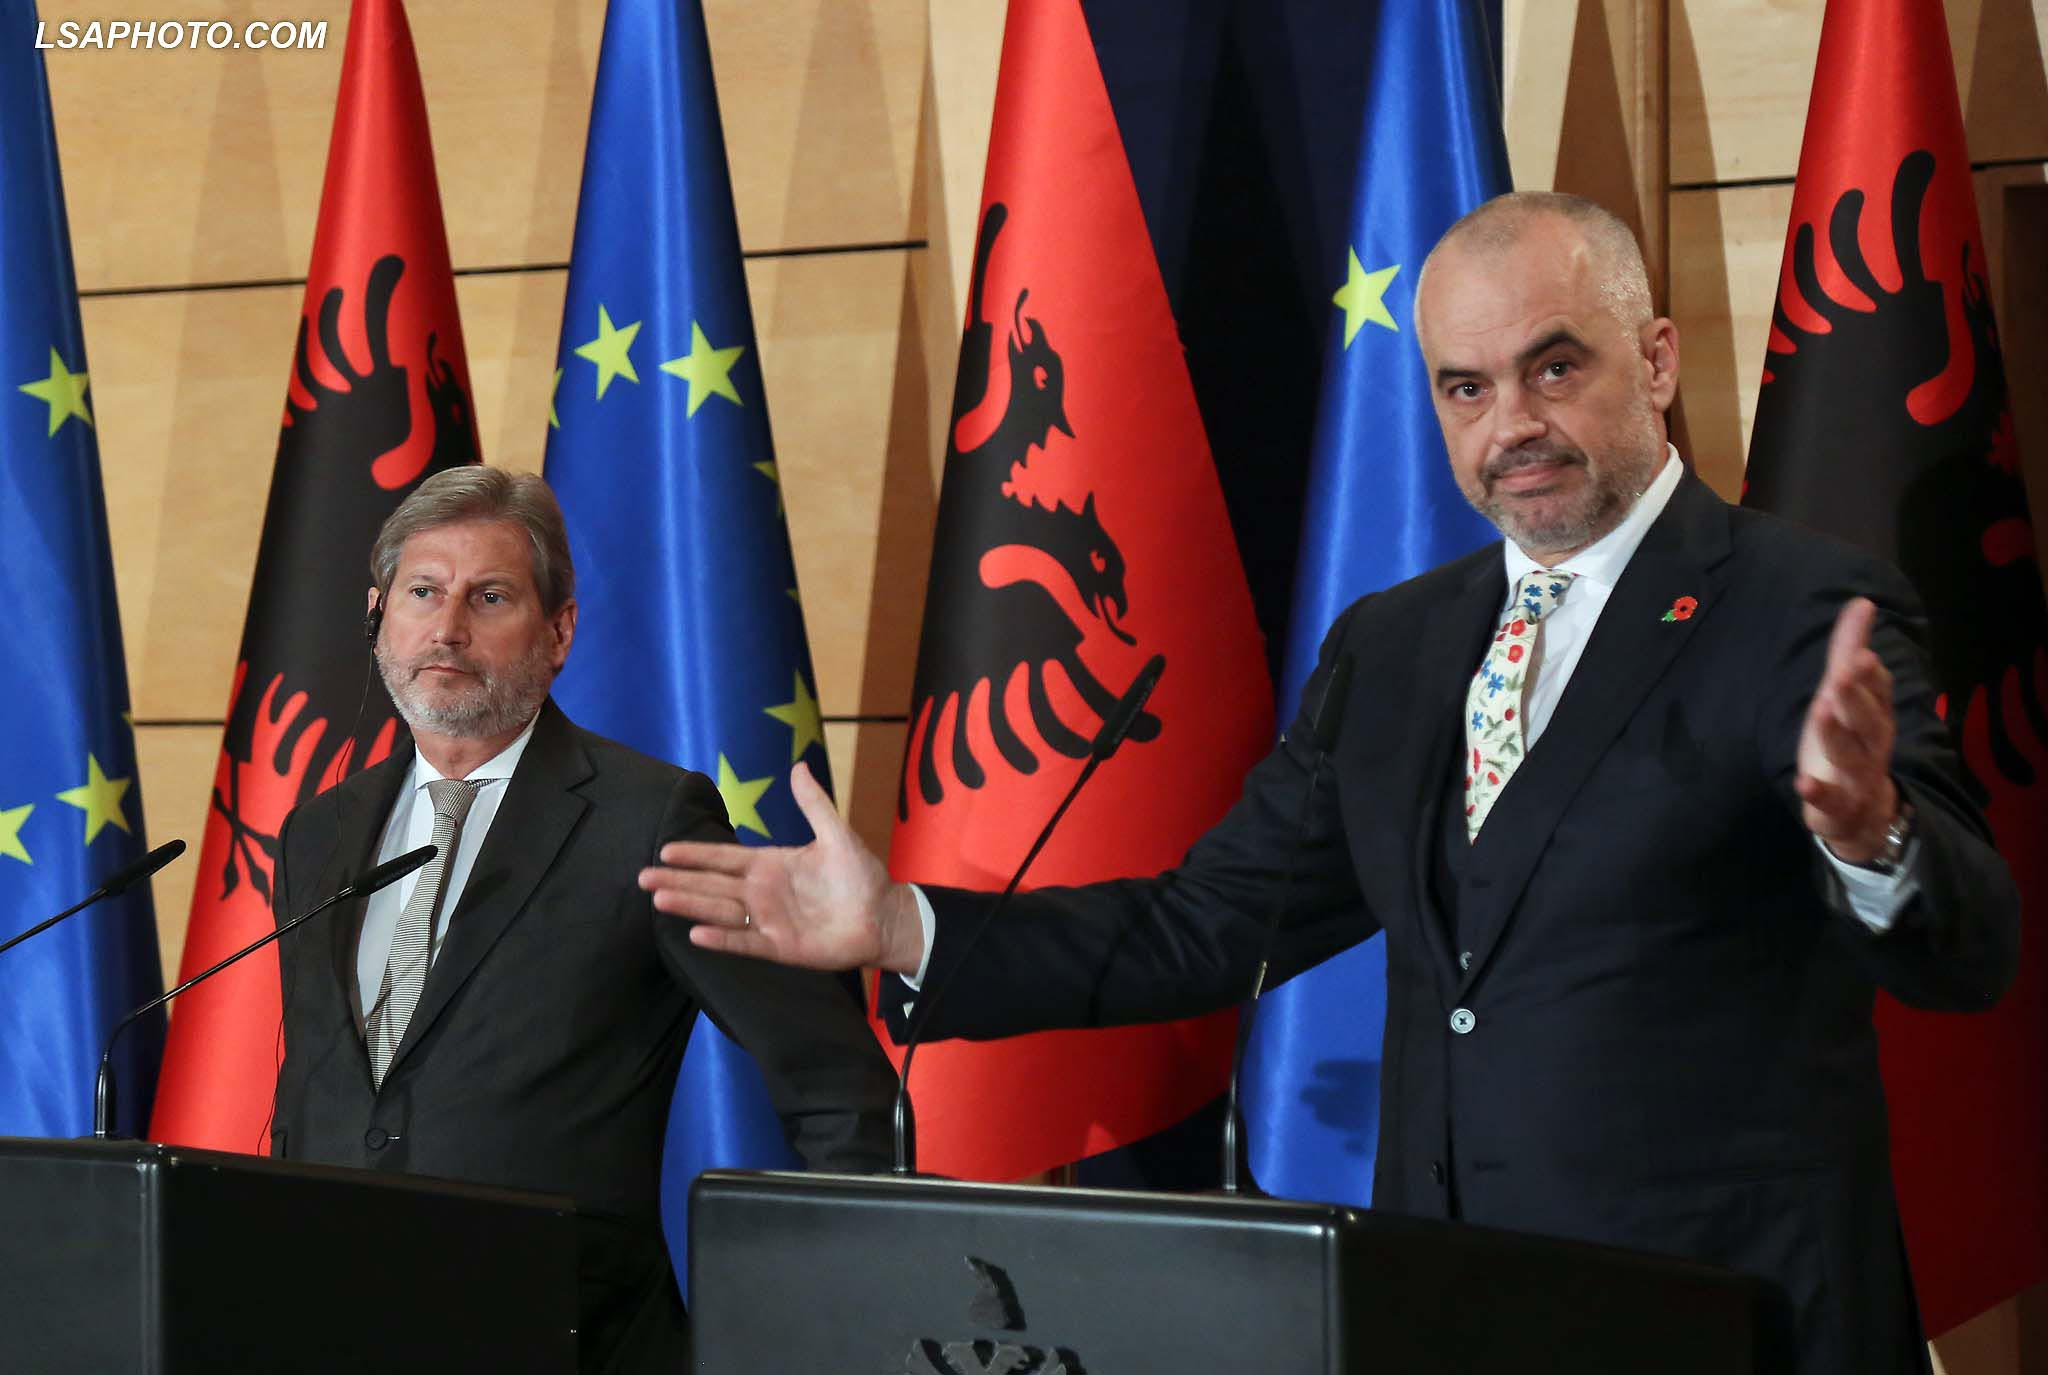 Tiranë  Komisioneri Hahn takon kryeministrin Rama  2019 vit i rëndësishëm për Shqipërinë